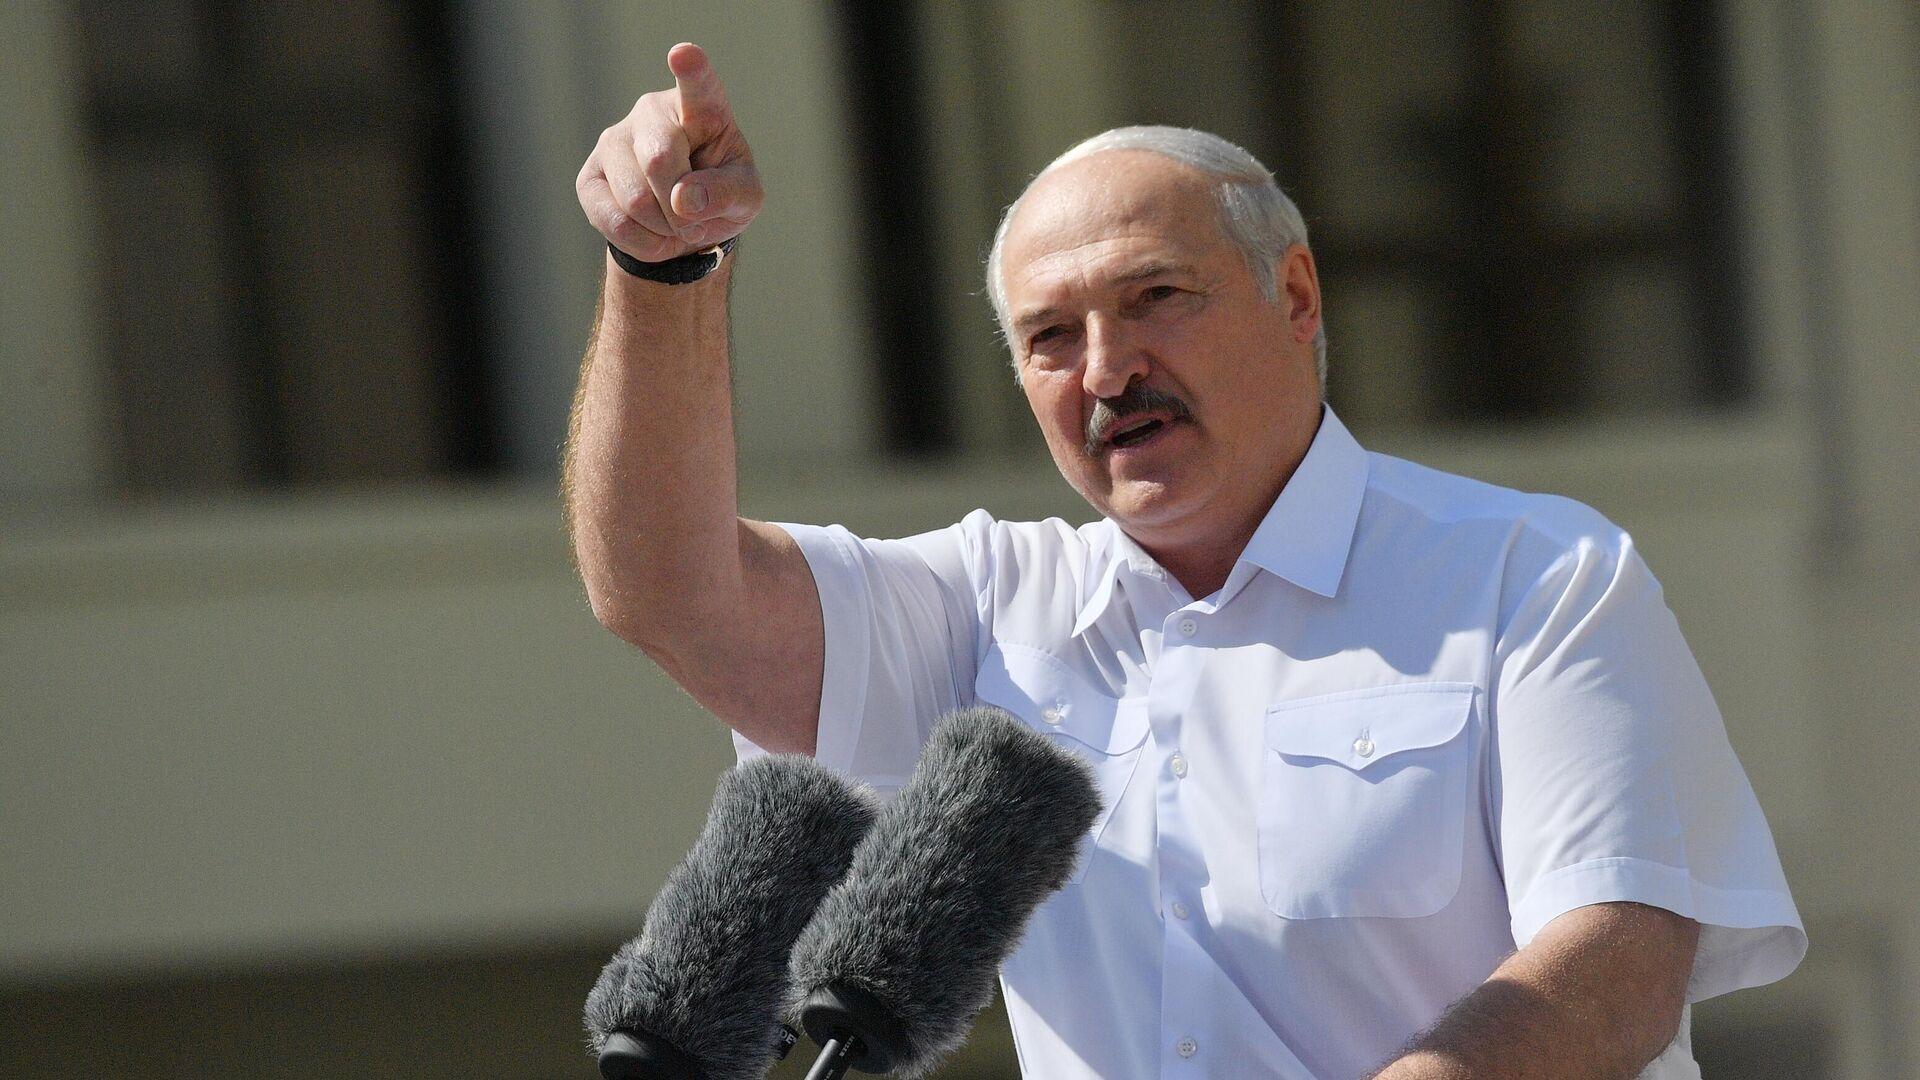 Президент Белоруссии Александр Лукашенко выступает на митинге, организованном в его поддержку - РИА Новости, 1920, 03.09.2020